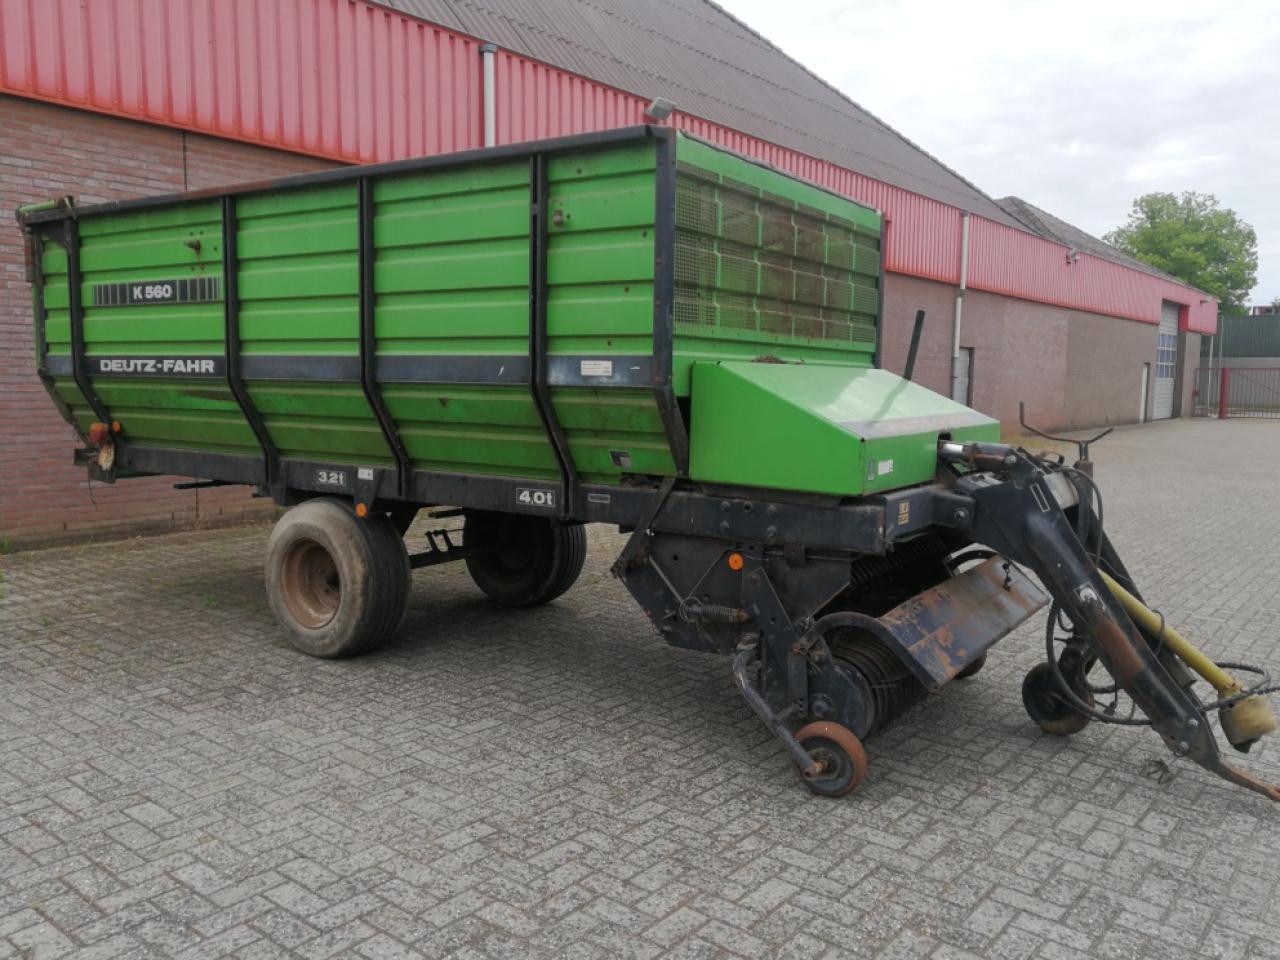 Deutz-Fahr K560